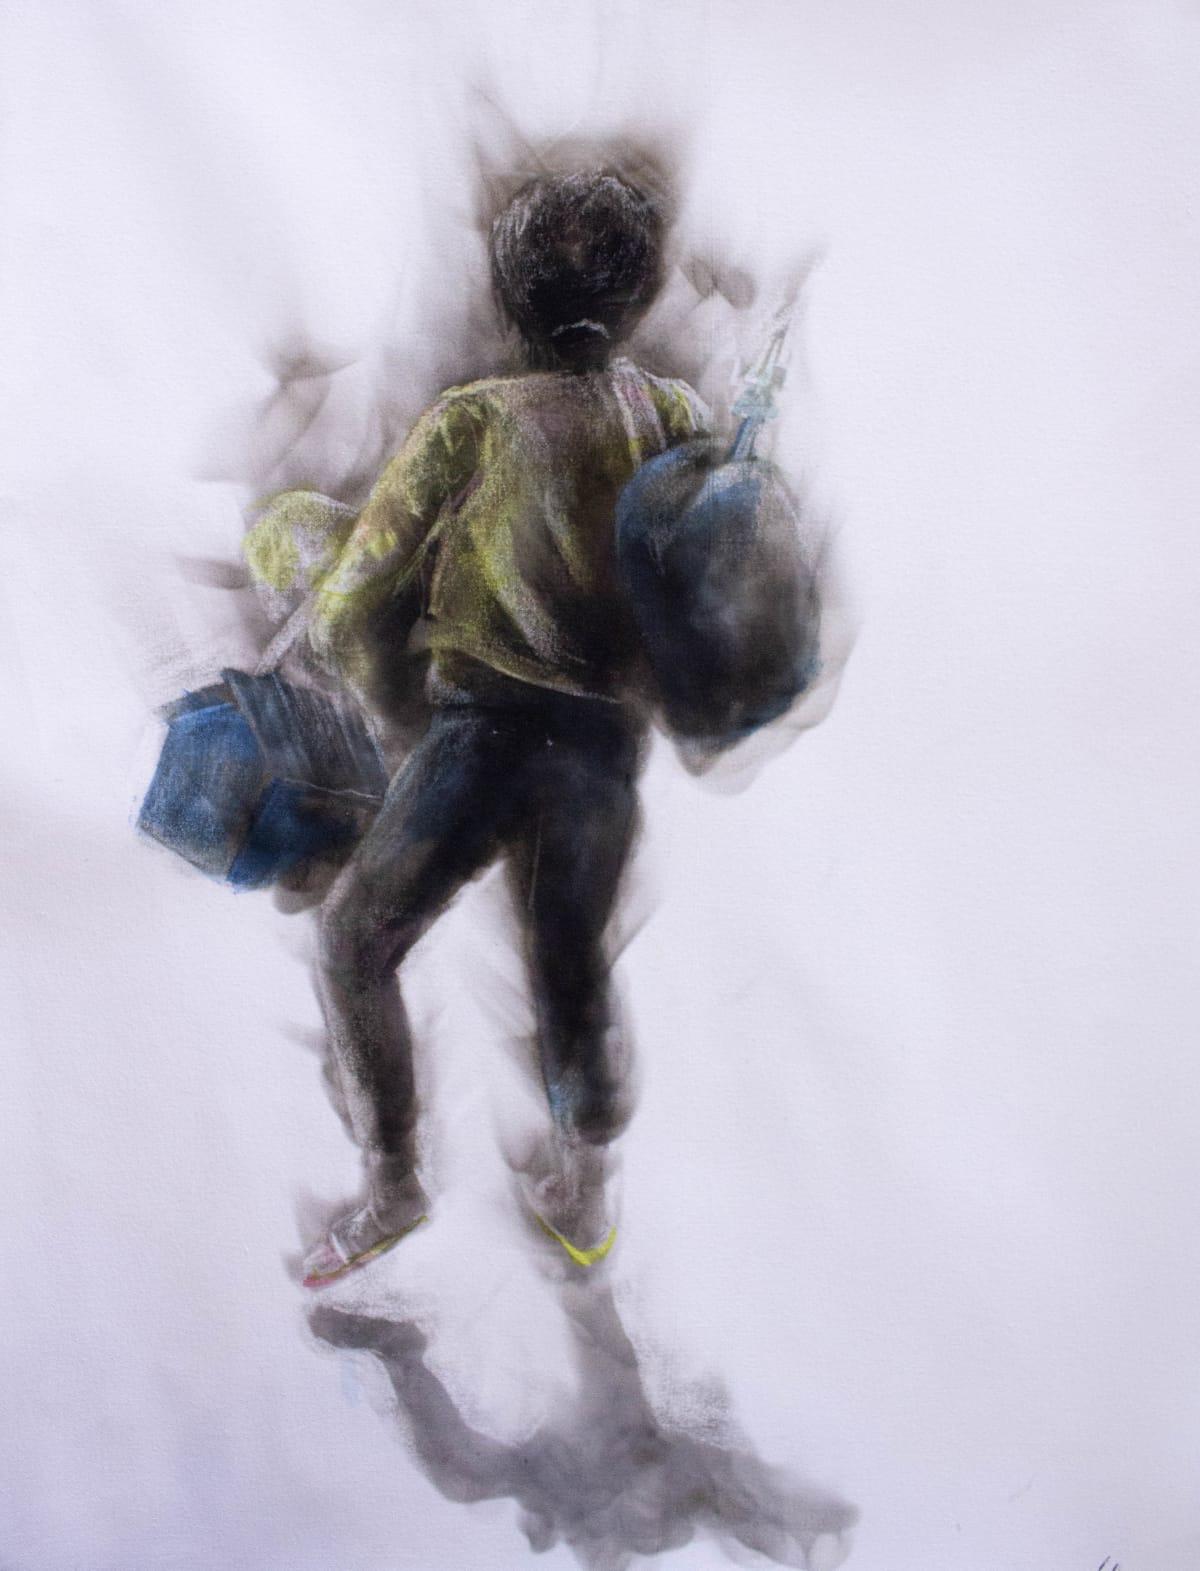 Azael Langa, Untitled, 2018